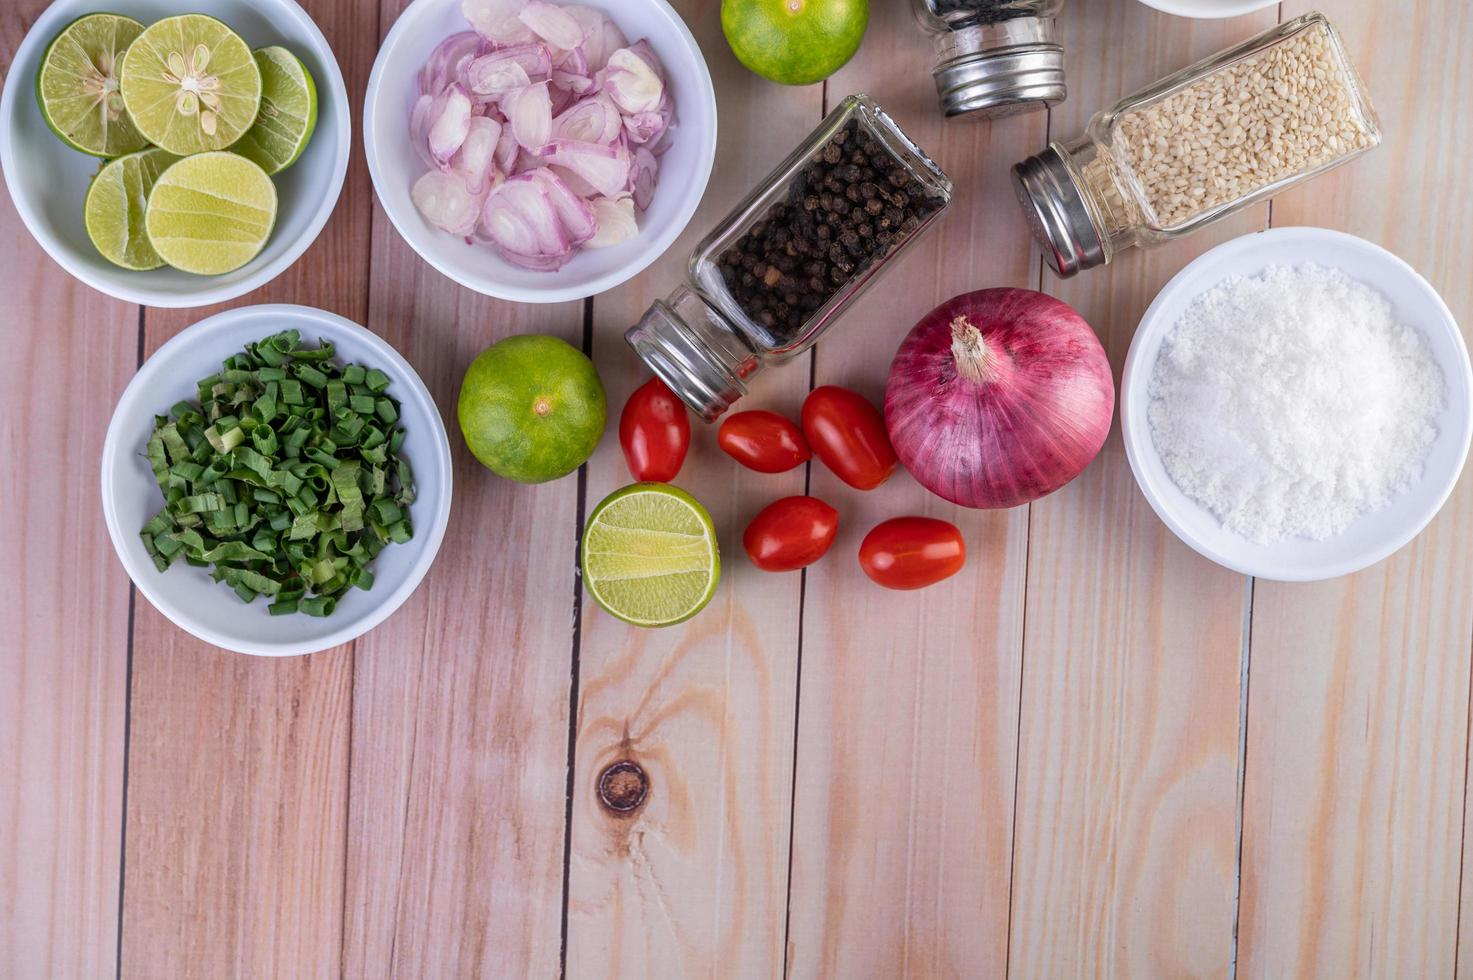 legumes e temperos na mesa de madeira com espaço de cópia foto